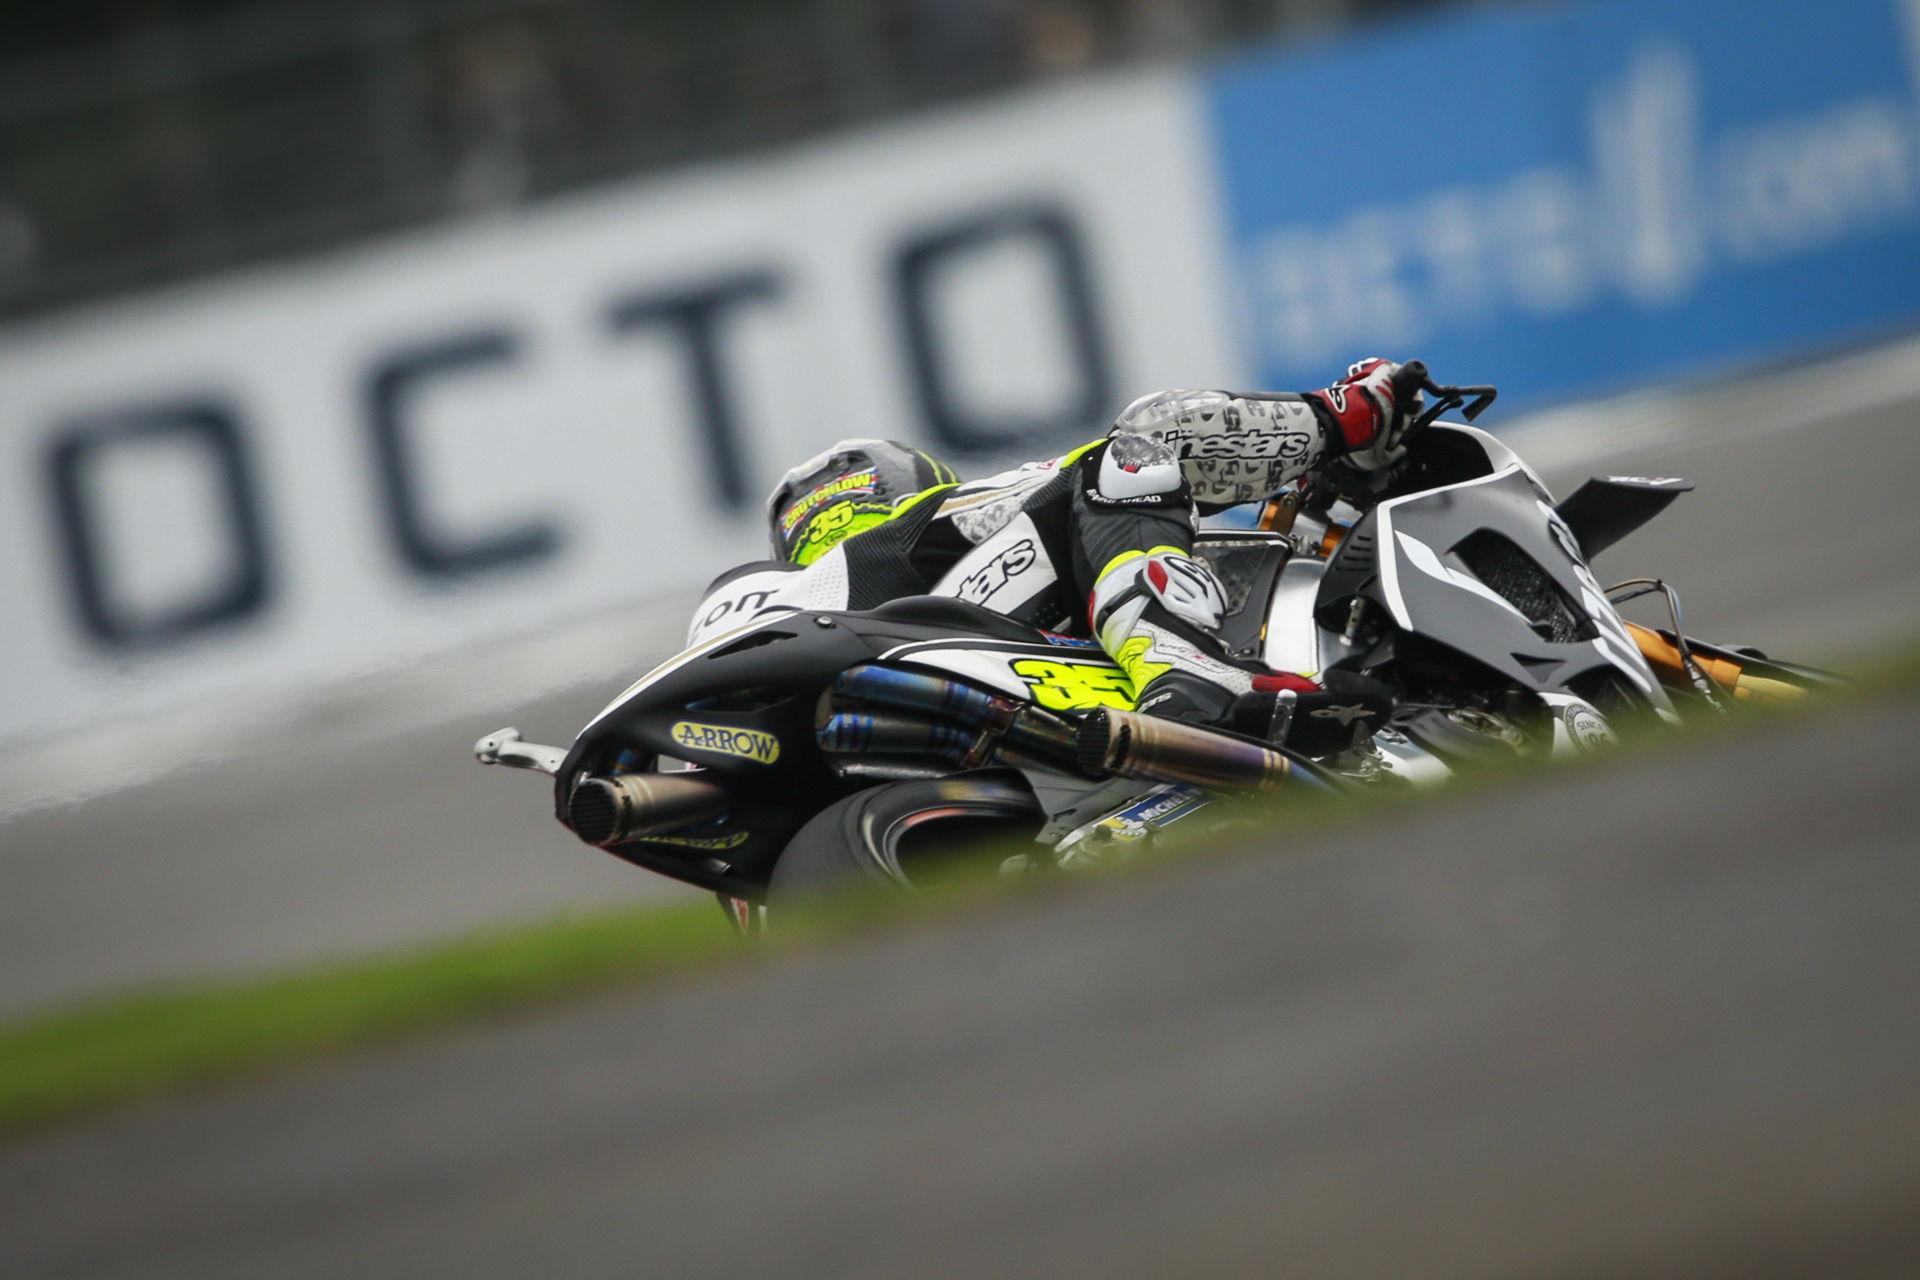 Cal Crutchlow, autor de la pole position del Gran Premio de Gran Bretaña de MotoGp